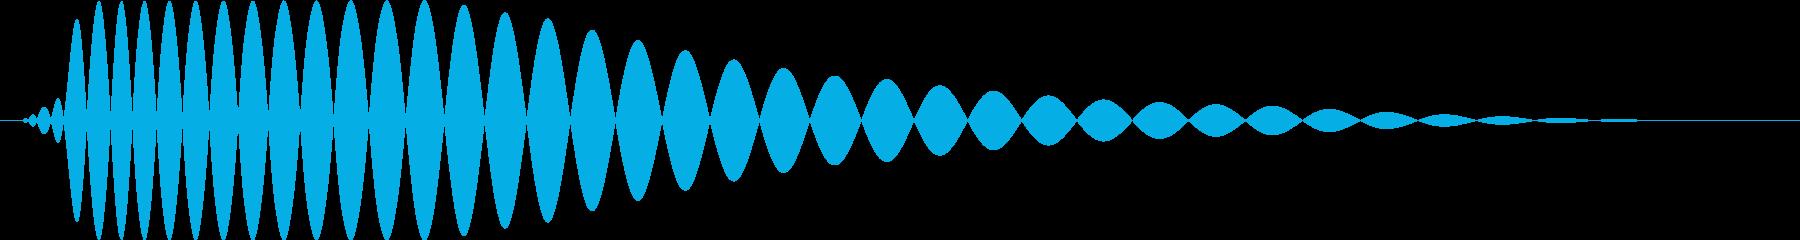 ドンッ【衝突・壁・行き止まり】の再生済みの波形